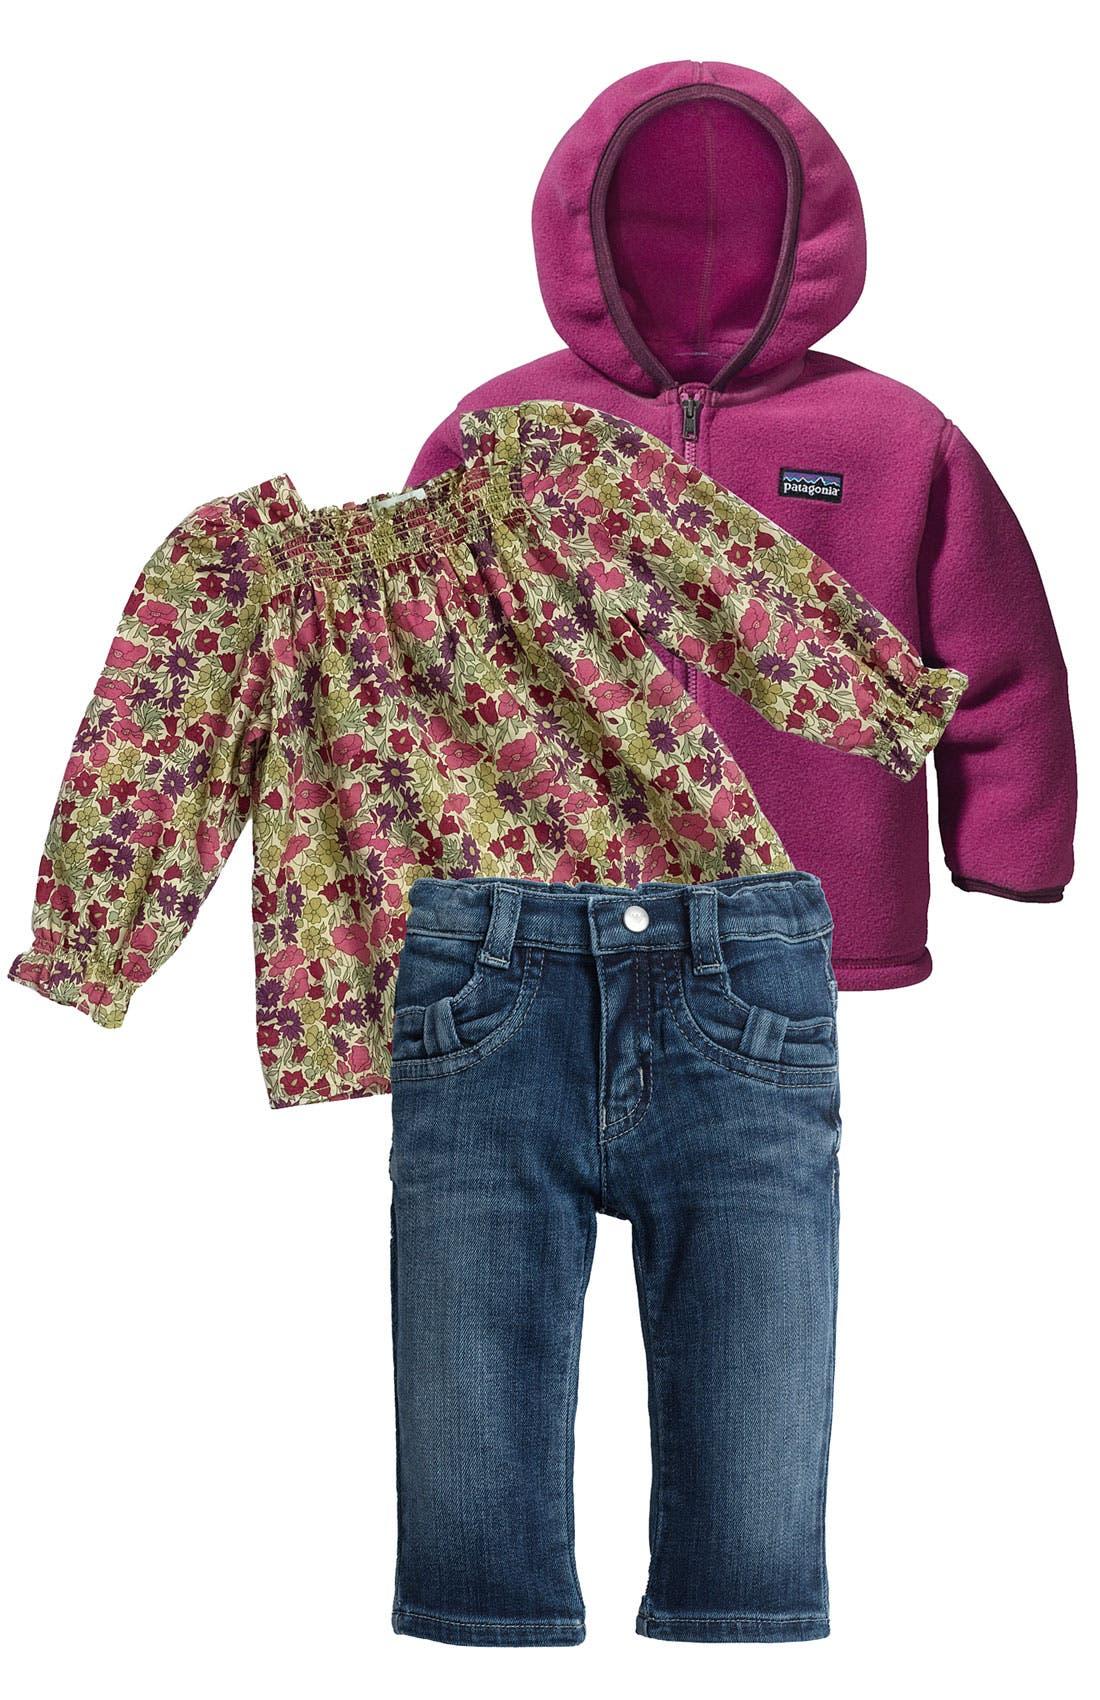 Alternate Image 1 Selected - Peek Top & Patagonia Cardigan (Infant)